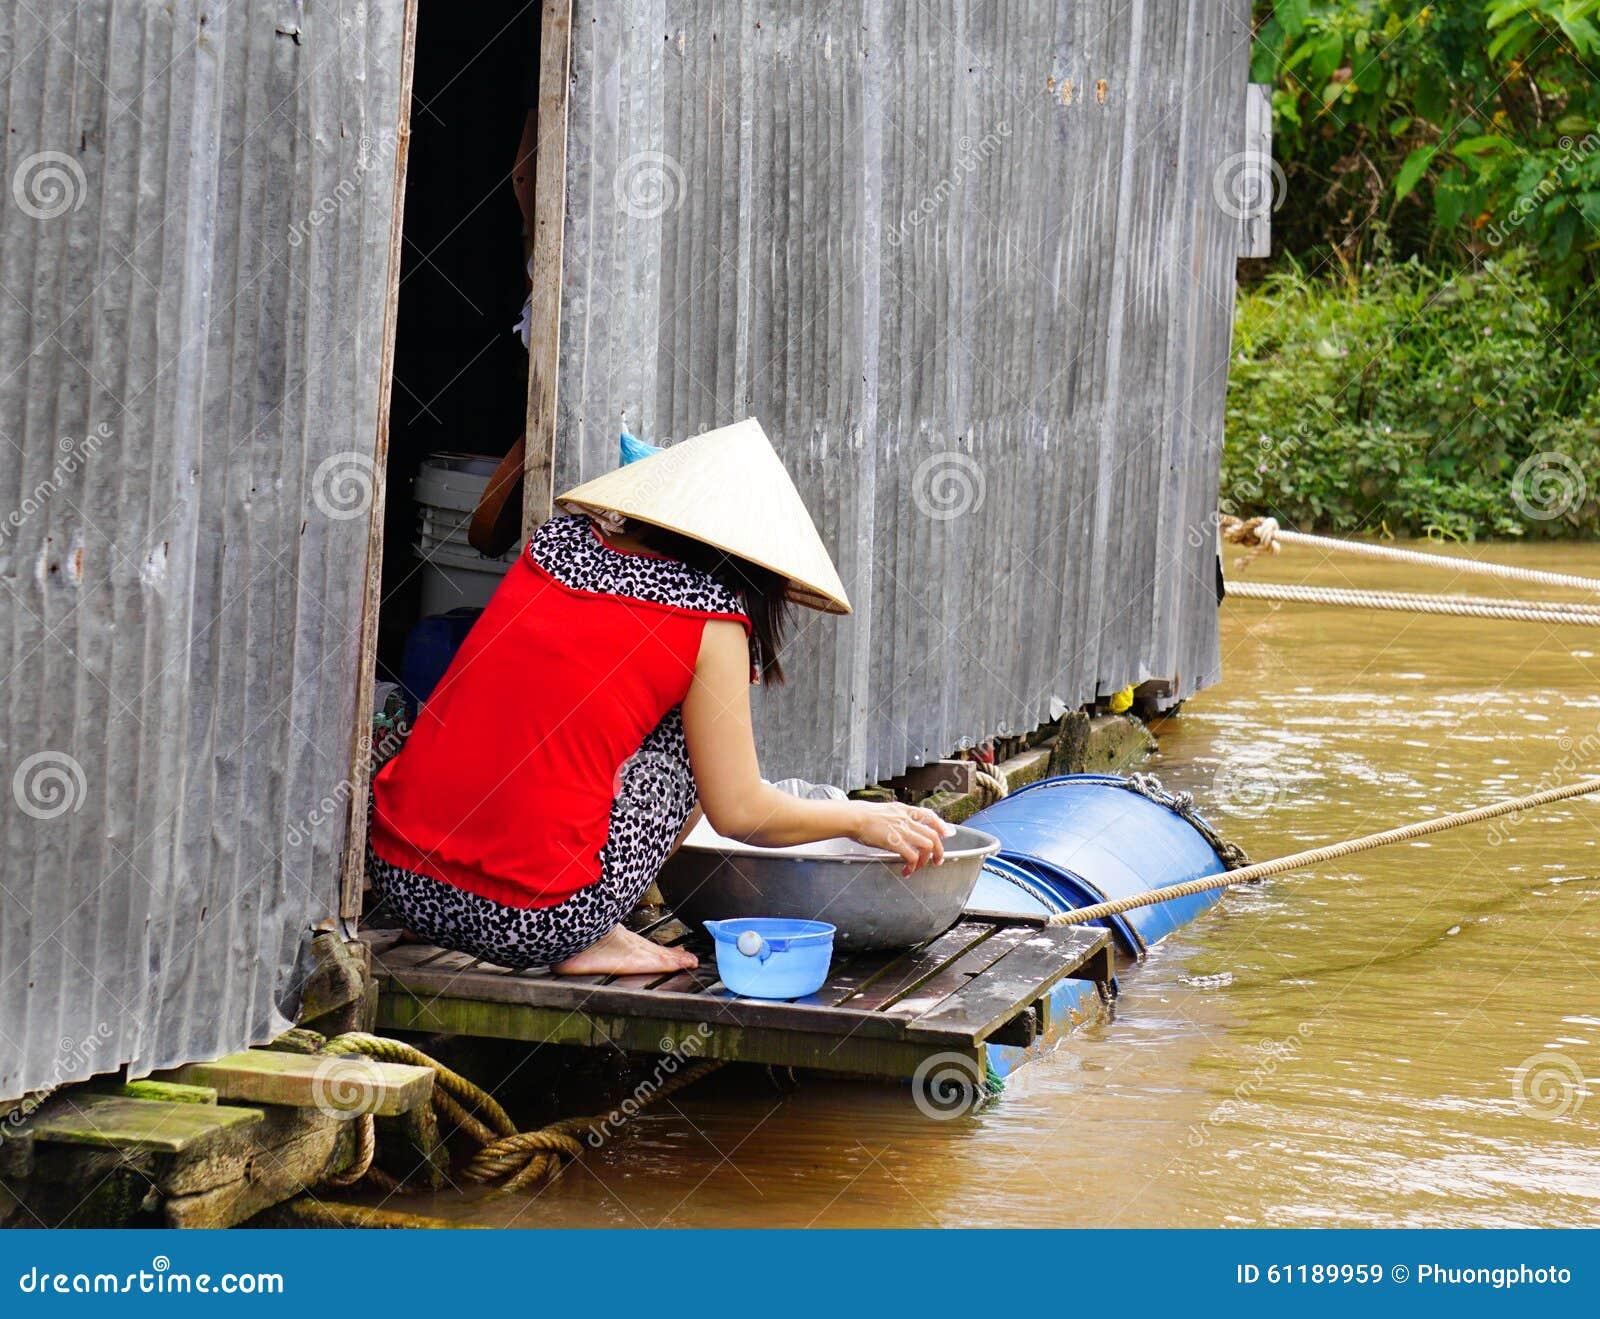 La femme locale prépare le repas sur son bateau